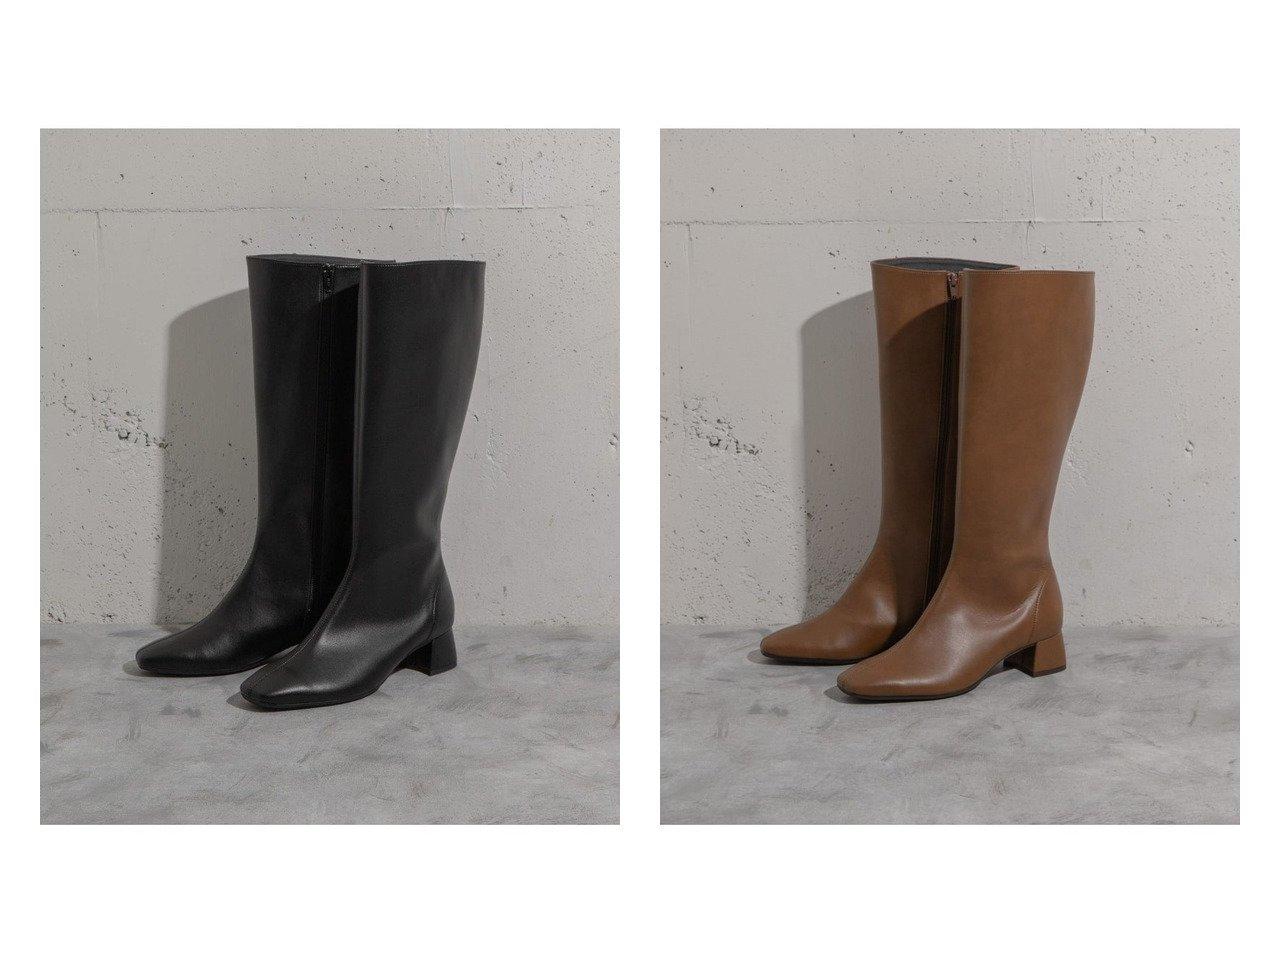 【RODE SKO/ロデスコ】のENCARNA ロングブーツ シューズ・靴のおすすめ!人気、トレンド・レディースファッションの通販  おすすめで人気の流行・トレンド、ファッションの通販商品 メンズファッション・キッズファッション・インテリア・家具・レディースファッション・服の通販 founy(ファニー) https://founy.com/ ファッション Fashion レディースファッション WOMEN シューズ ショート スキニーデニム ベーシック ロング 今季 |ID:crp329100000009806